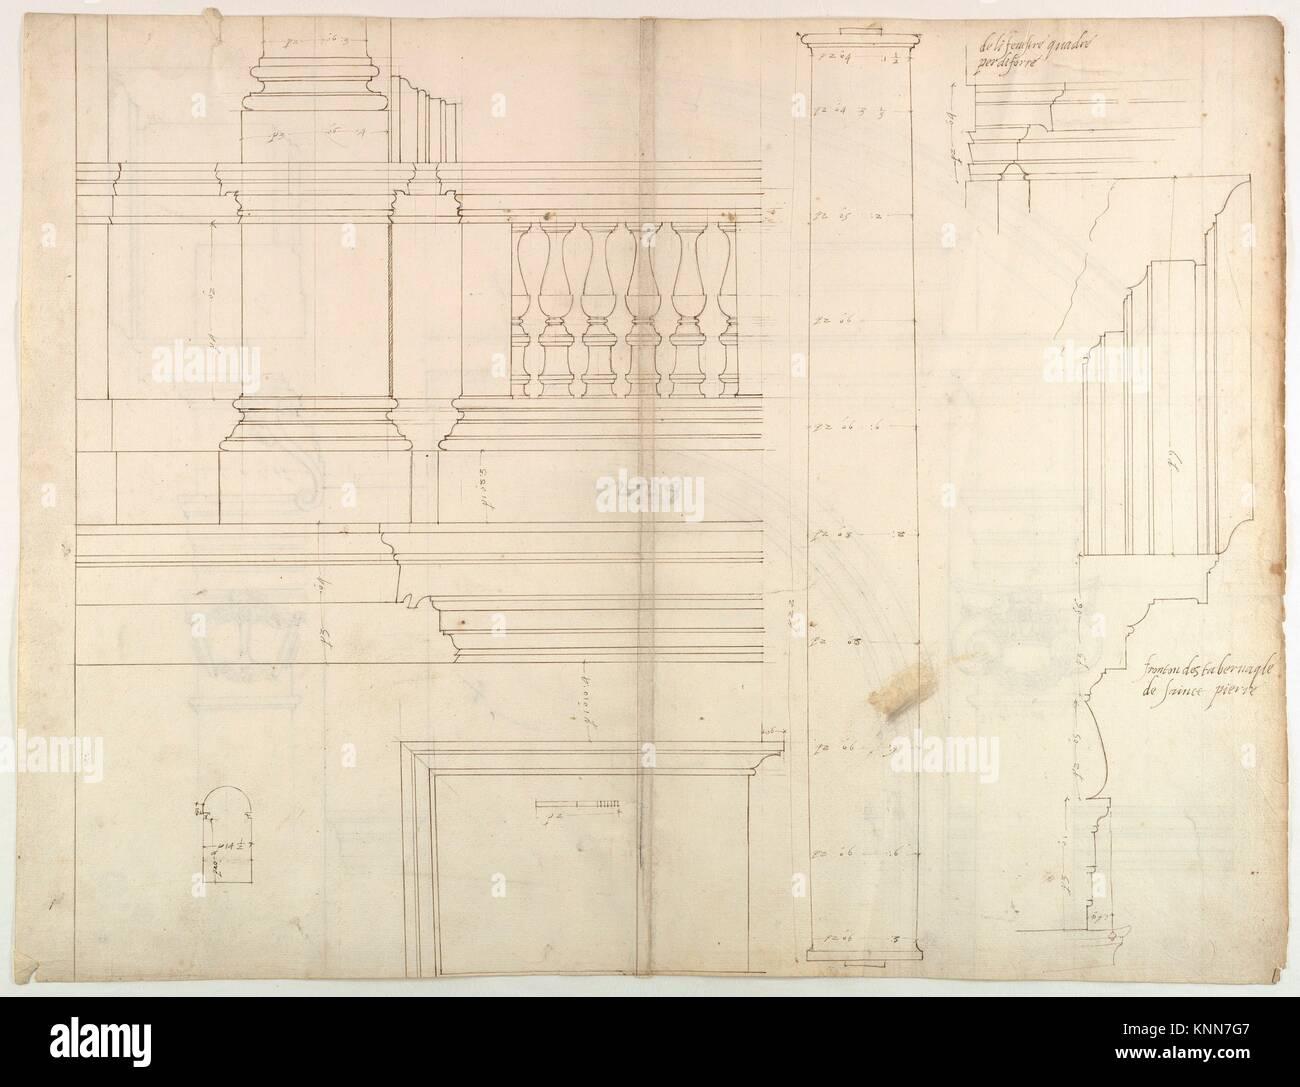 St. Peter's, Außen, Wohnung, Höhe und Abschnitt an der Basis mit Details der Sockel und Geländer, Stockbild